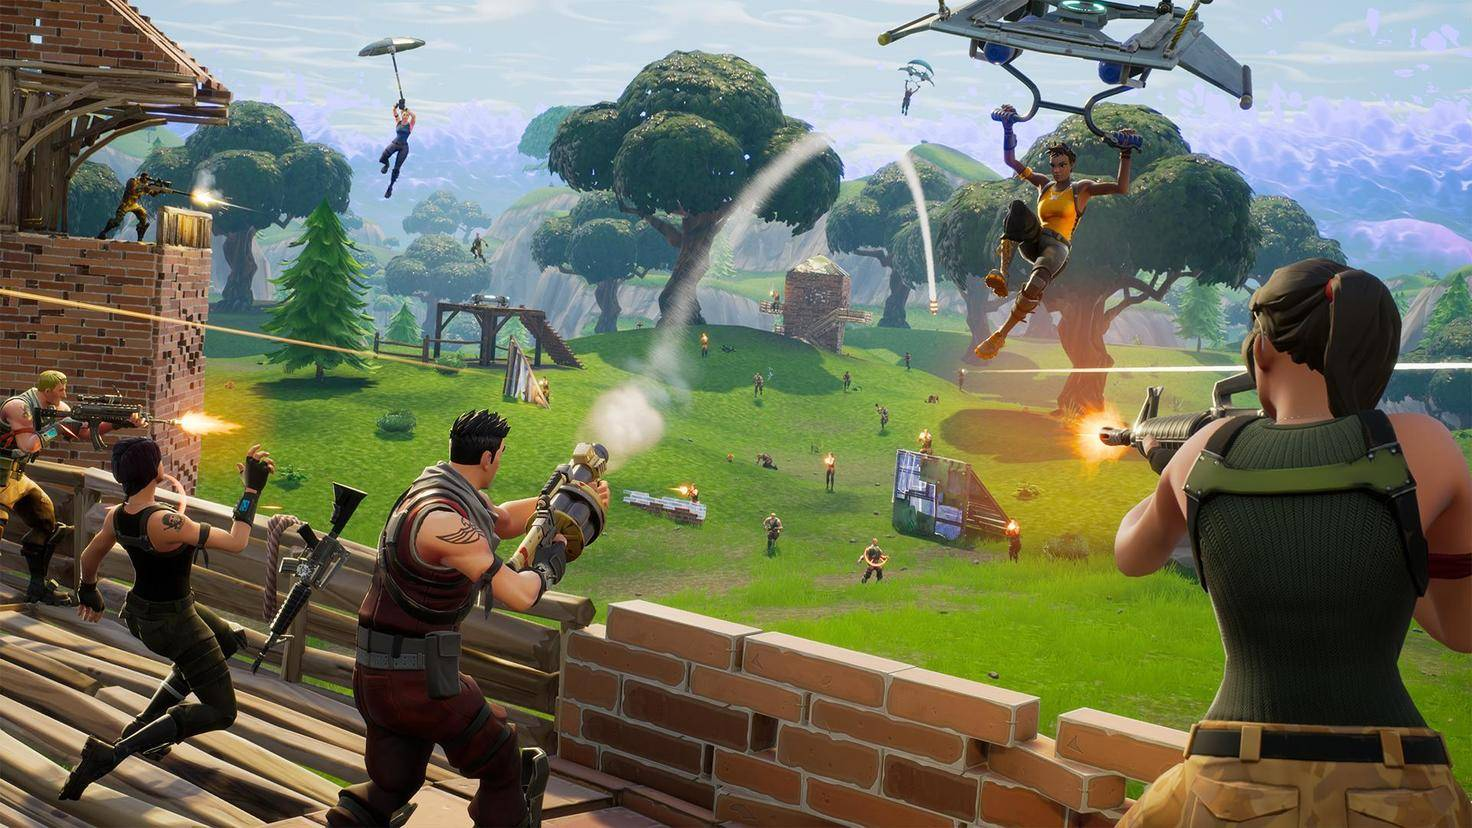 """Der kleine große Bruder: """"Fortnite: Battle Royale"""" wurde erst einige Monate nach dem Release des Spiels veröffentlicht, ist heute aber viel bekannter."""